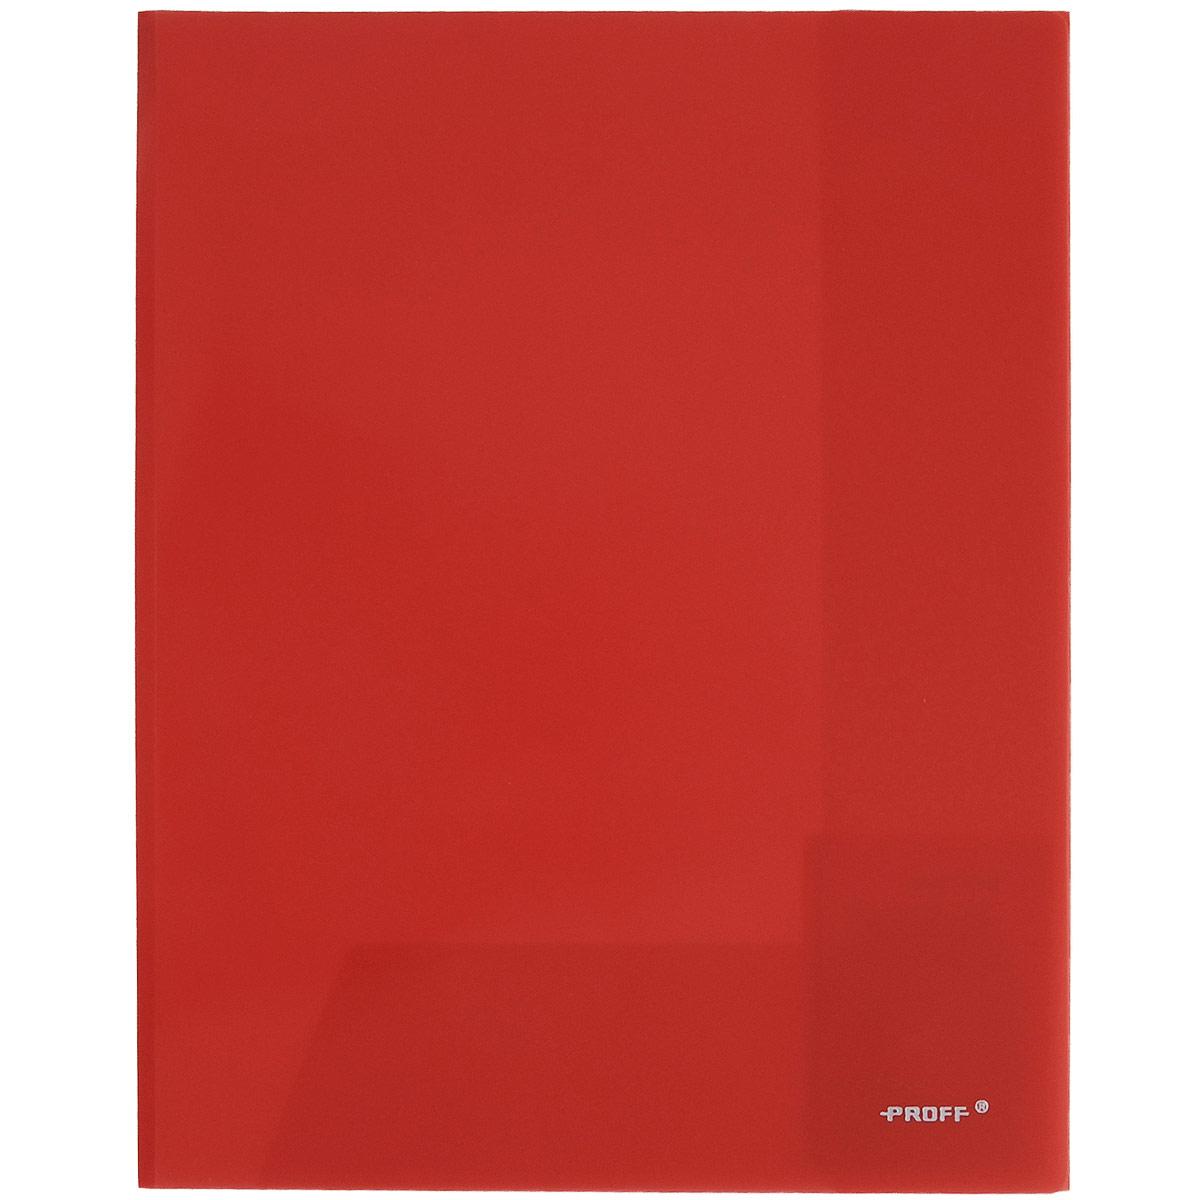 Папка-уголок Proff, цвет: красный, 2 клапана. Формат А4DB30AB-03Папка-уголок Proff, изготовленная из высококачественного полипропилена, это удобный и практичный офисный инструмент, предназначенный для хранения и транспортировки рабочих бумаг и документов формата А4. Полупрозрачная папка оснащена двумя клапана внутри для надежного удержания бумаг. Папка-уголок - это незаменимый атрибут для студента, школьника, офисного работника. Такая папка надежно сохранит ваши документы и сбережет их от повреждений, пыли и влаги.